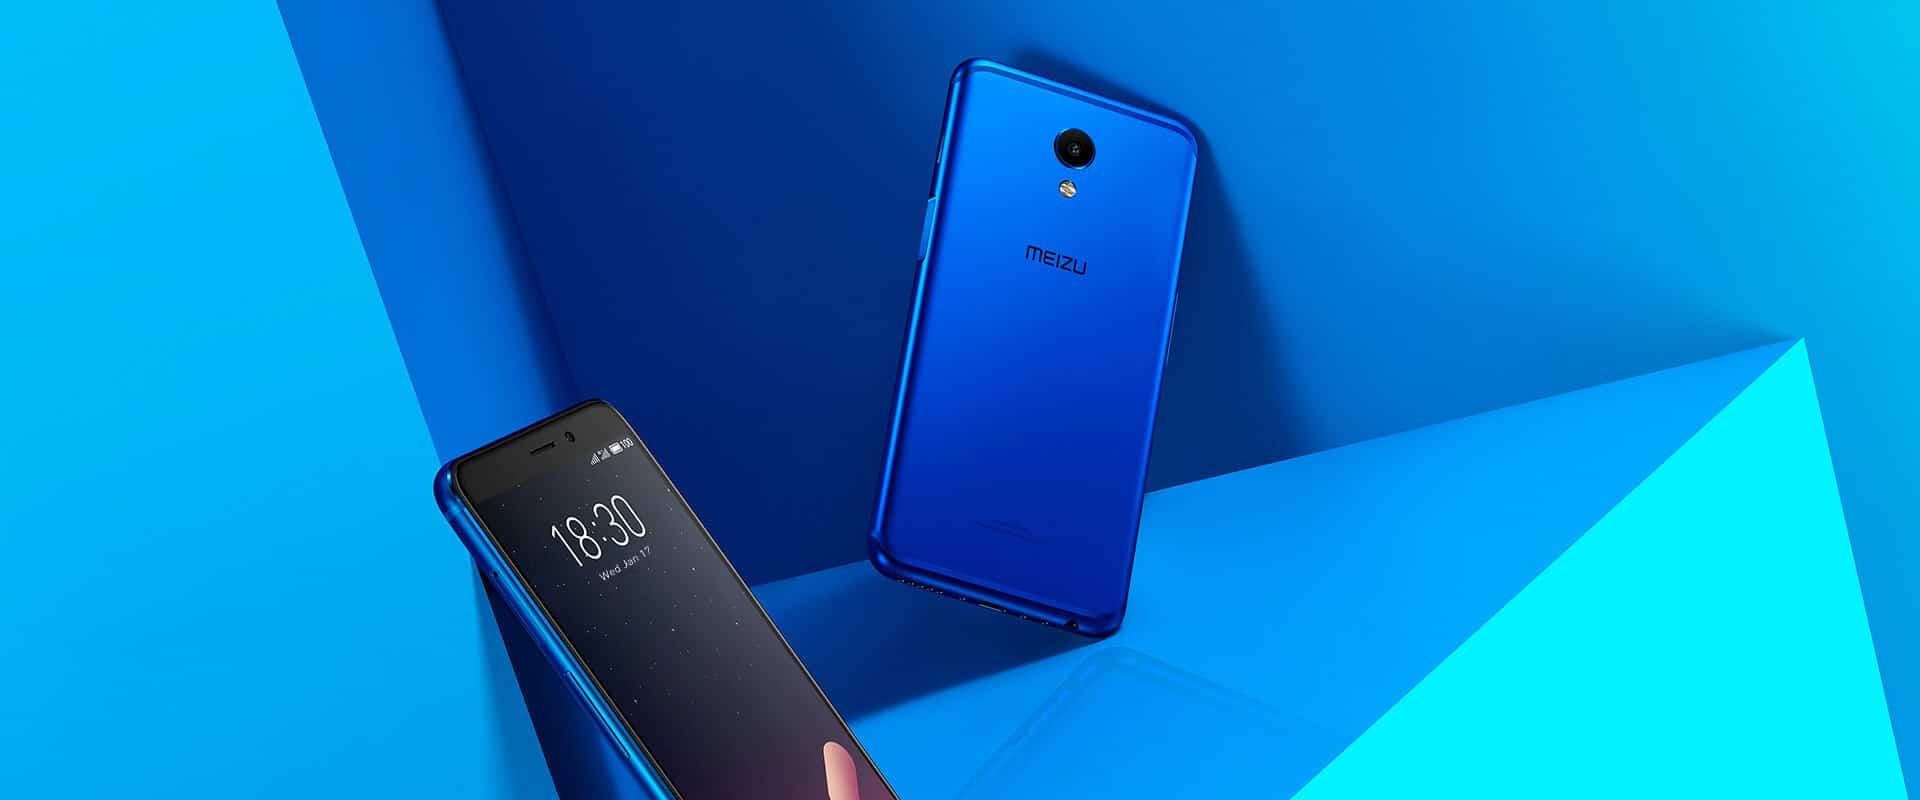 Meizu M6s phone